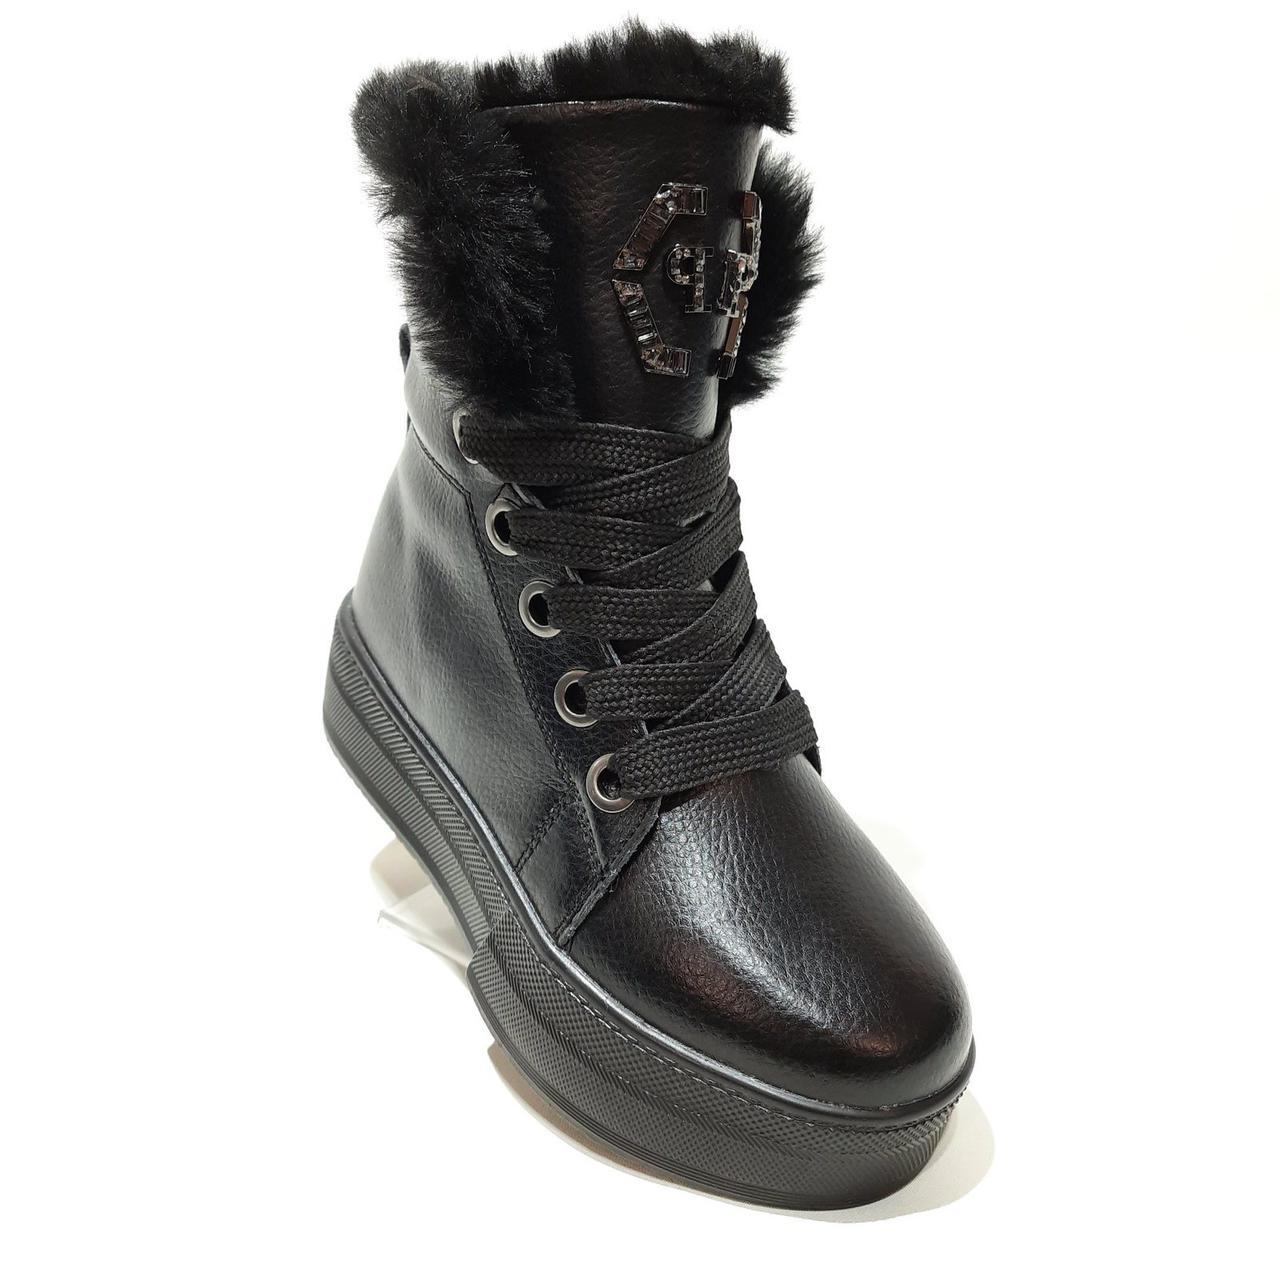 36,39 р. Зимние женские кожаные сапоги ботинки на меху полусапожки Черные